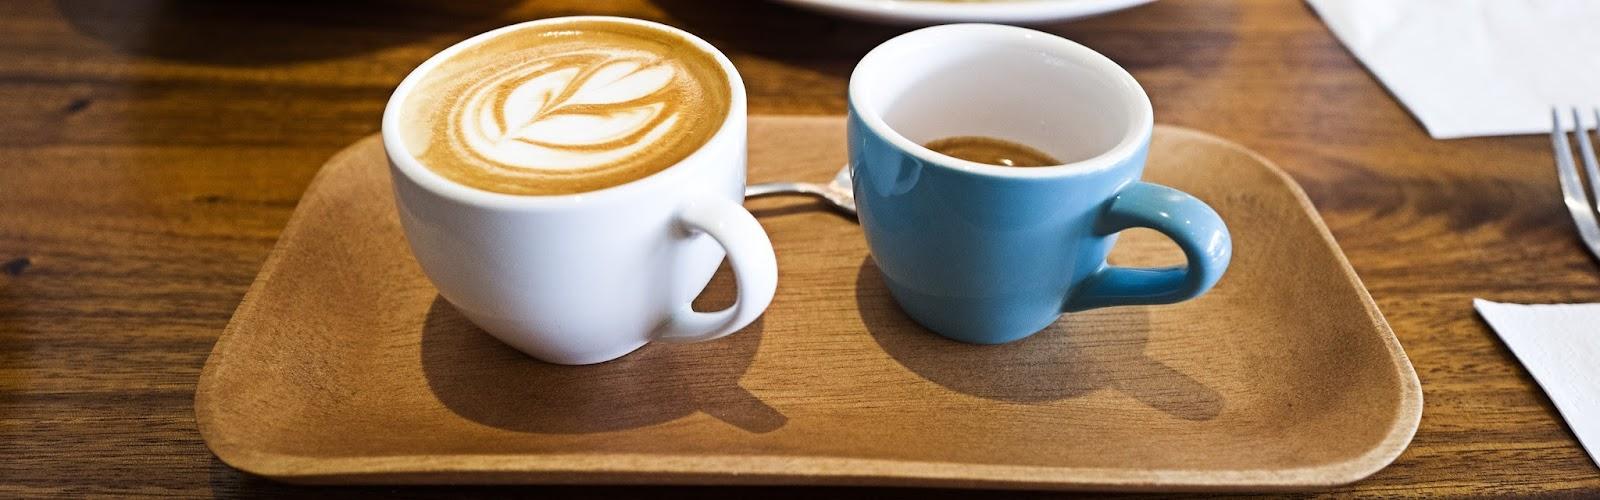 d-coffeesidamo-L1050889.jpg